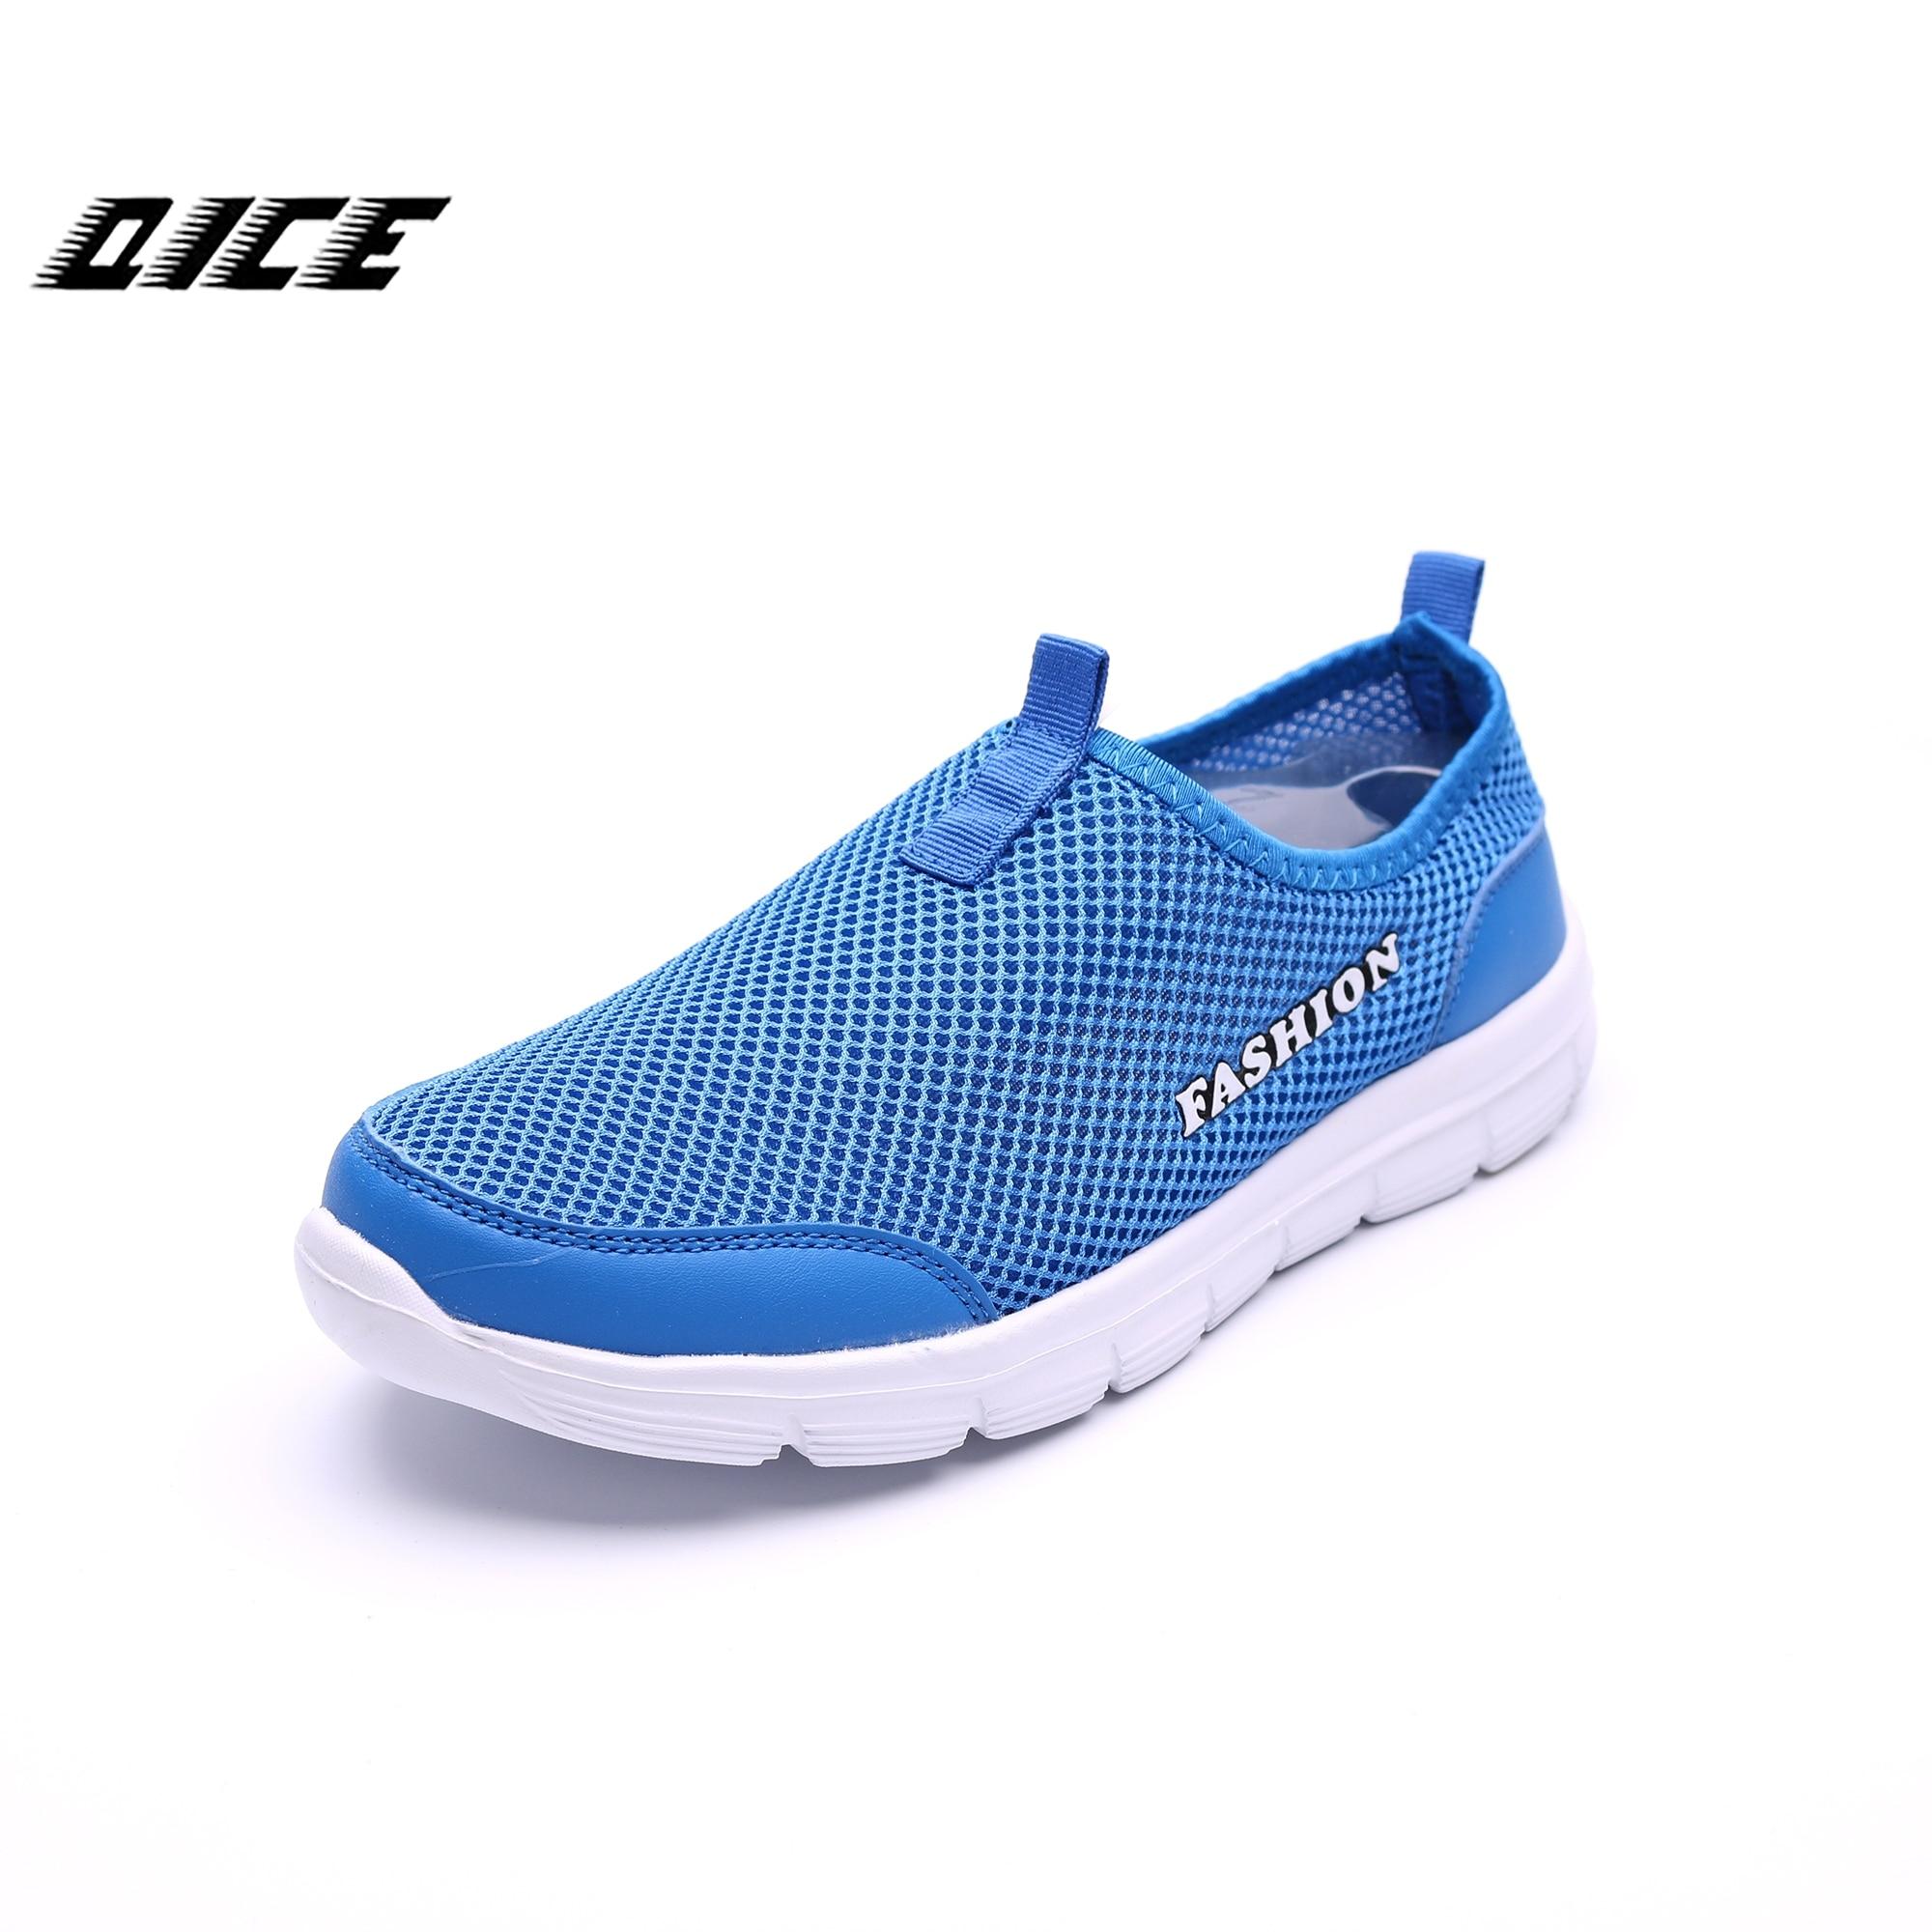 2017 Для мужчин и Для женщин Быстросохнущие кроссовки уличная дышащая пляжная обувь легкий быстросохнущие болотных Обувь спорт воды кемпинг Спортивная обувь